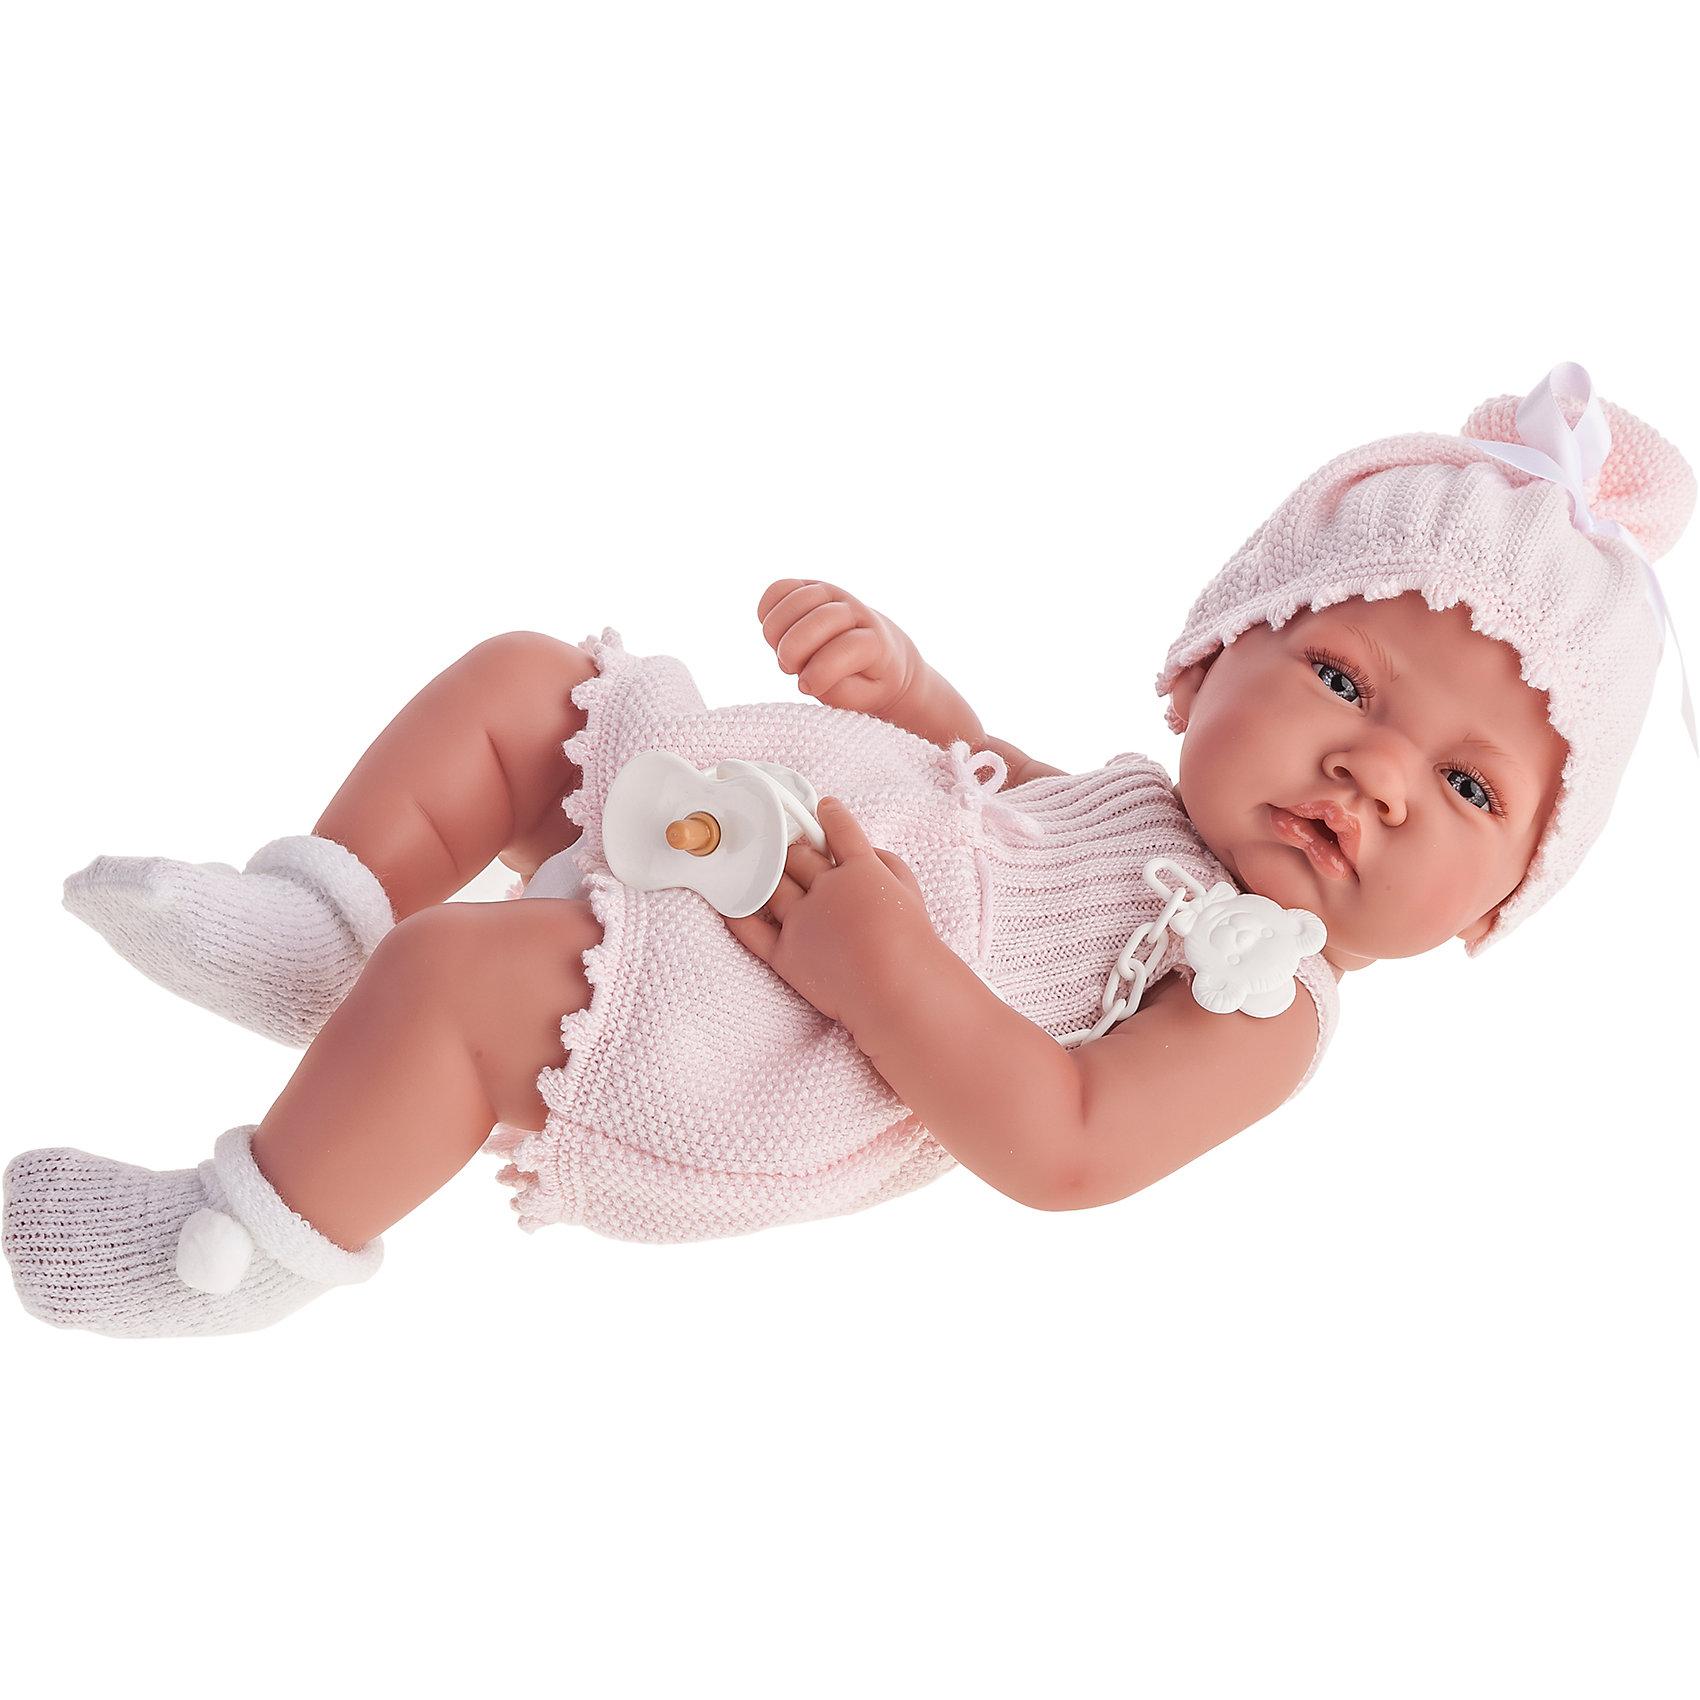 Кукла-младенец Мануэла, 42 см, Munecas Antonio JuanКлассические куклы<br>Кукла-младенец Мануэла, 42 см, Munecas Antonio Juan (Мунекас Антонио Хуан).<br><br>Характеристики:<br><br>- Комплектация: кукла, соска<br>- Материал: винил, текстиль<br>- Высота куклы: 42 см.<br>- Глаза не закрываются<br>- Упаковка: яркая подарочная коробка<br><br>Малышка Мануэла невероятно похожа на настоящего младенца. Анатомическая точность, с которой выполнена кукла, поражает! Выразительные глазки, маленький носик, пушистые ресницы, нежные щечки, пухлые губки, милые «перевязочки» на ручках и ножках придают кукле реалистичный вид и вызывают только самые положительные и добрые эмоции. Мануэла одета в розовое вязаное платьице и чепчик, украшенный белым бантиком, а на ее ножках – мягкие носочки с помпончиком. У куклы есть любимая белая соска, которая поставляется в комплекте с ней. Кукла изготовлена из высококачественного винила с покрытием софт тач, мягкого и приятного на ощупь. Голова, ручки и ножки подвижны. Кукла соответствует всем нормам и требованиям к качеству детских товаров. Образы малышей Мунекас разработаны известными европейскими дизайнерами. Они натуралистичны, анатомически точны.<br><br>Куклу-младенца Мануэла, 42 см, Munecas Antonio Juan (Мунекас Антонио Хуан) можно купить в нашем интернет-магазине.<br><br>Ширина мм: 50<br>Глубина мм: 26<br>Высота мм: 16<br>Вес г: 1775<br>Возраст от месяцев: 36<br>Возраст до месяцев: 2147483647<br>Пол: Женский<br>Возраст: Детский<br>SKU: 5055424